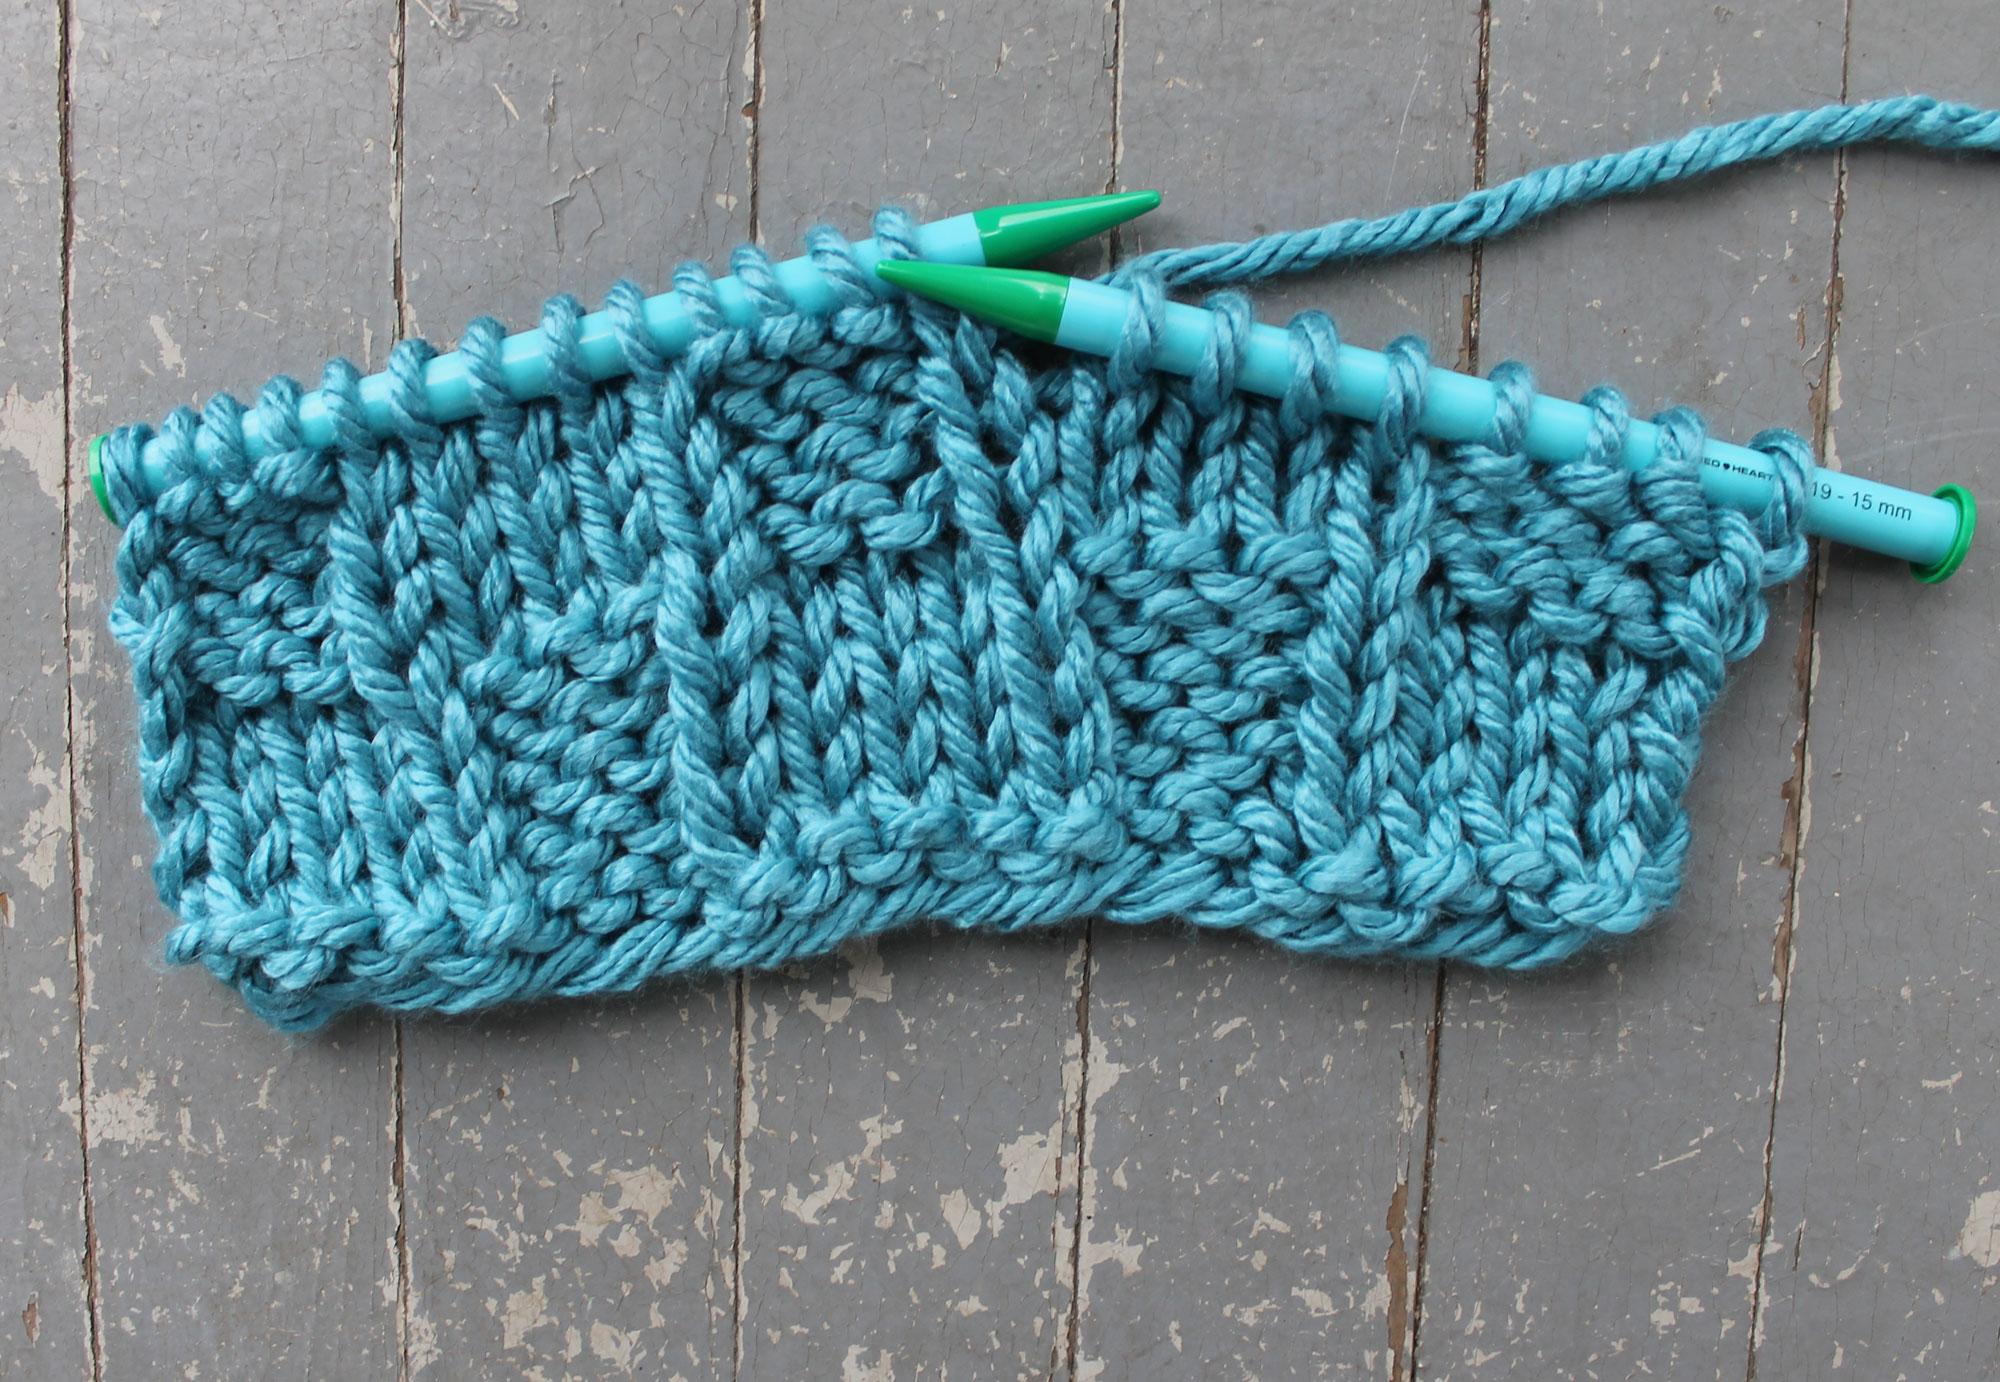 Basketweave Knitting Stitch